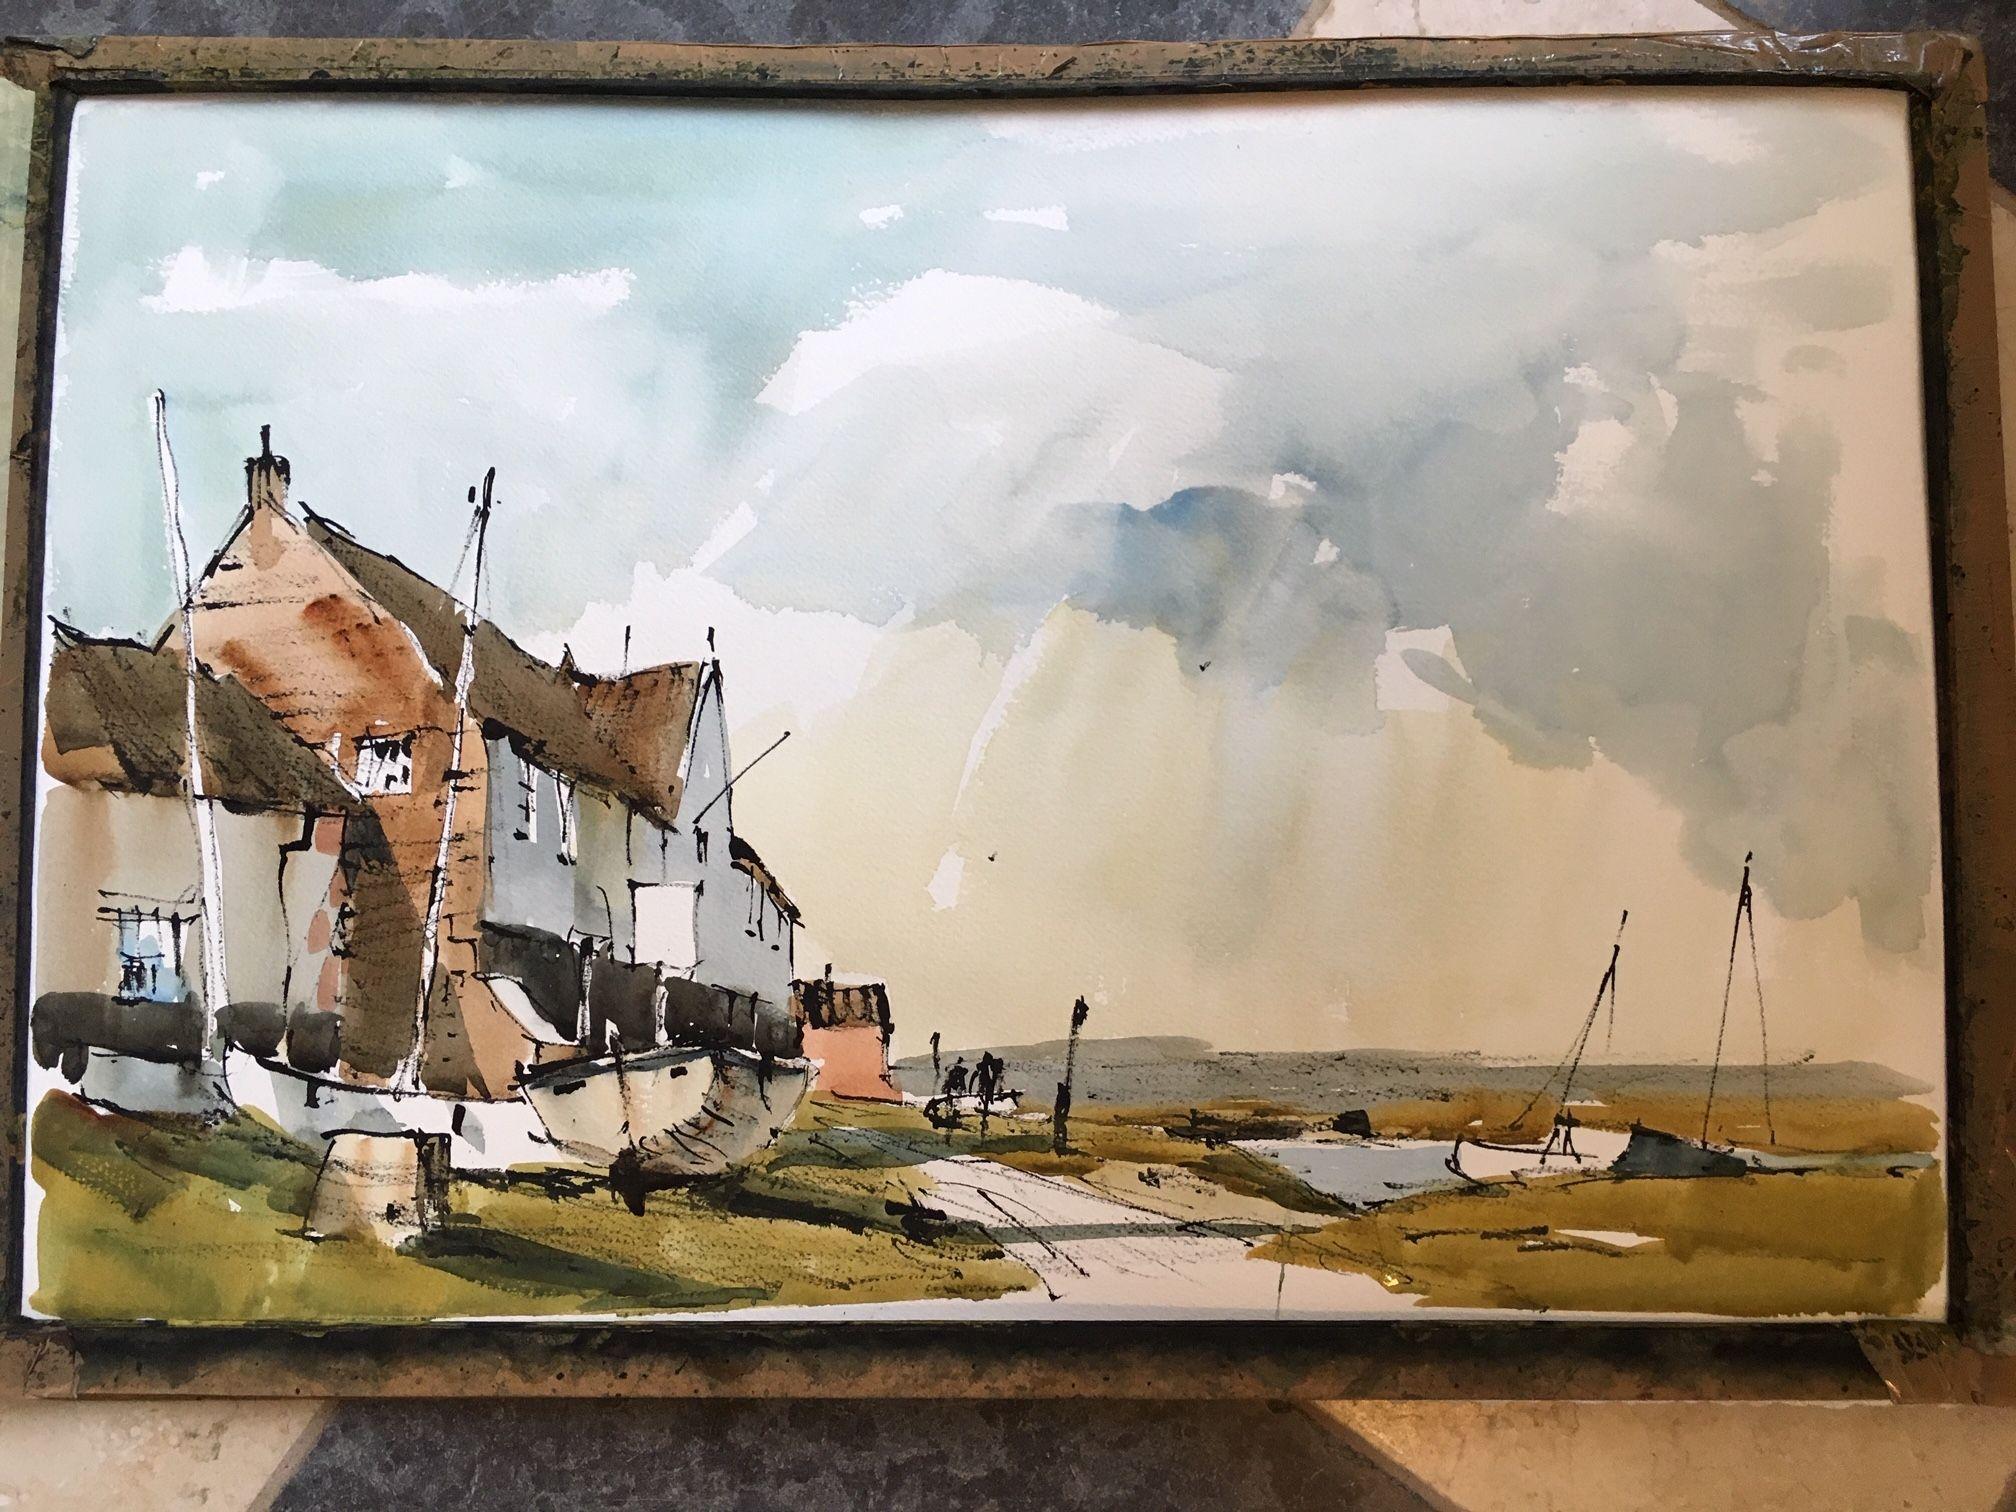 John Hoar - Burnham Overy Staithe